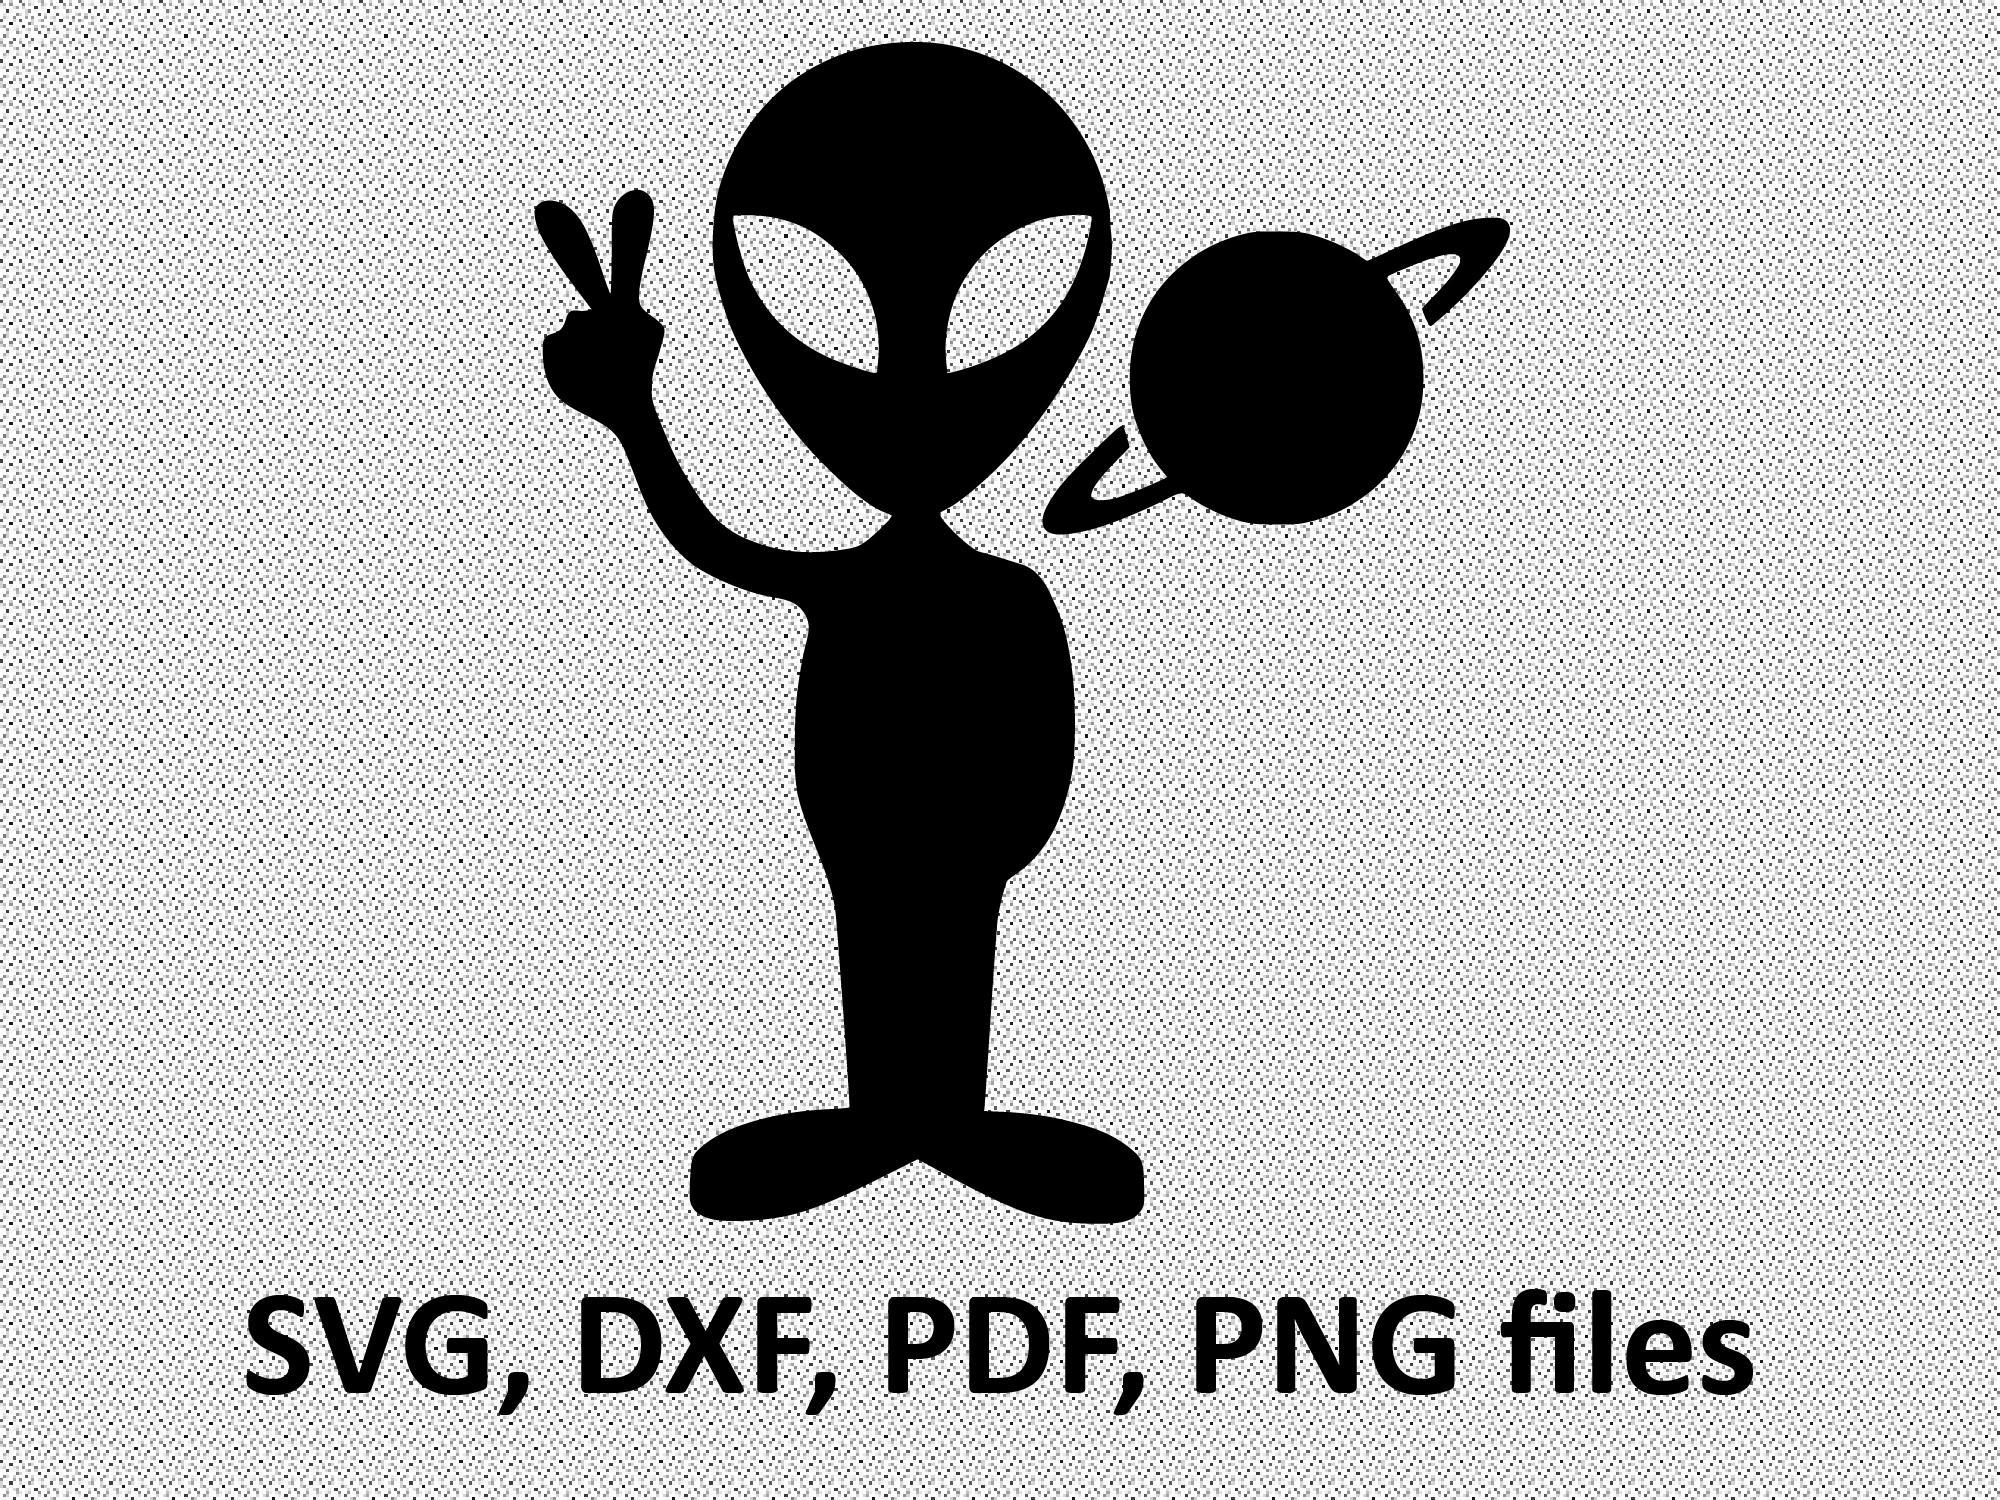 Funny Svg Alien File Svg Funny T Shirt Design Vinyl Svg